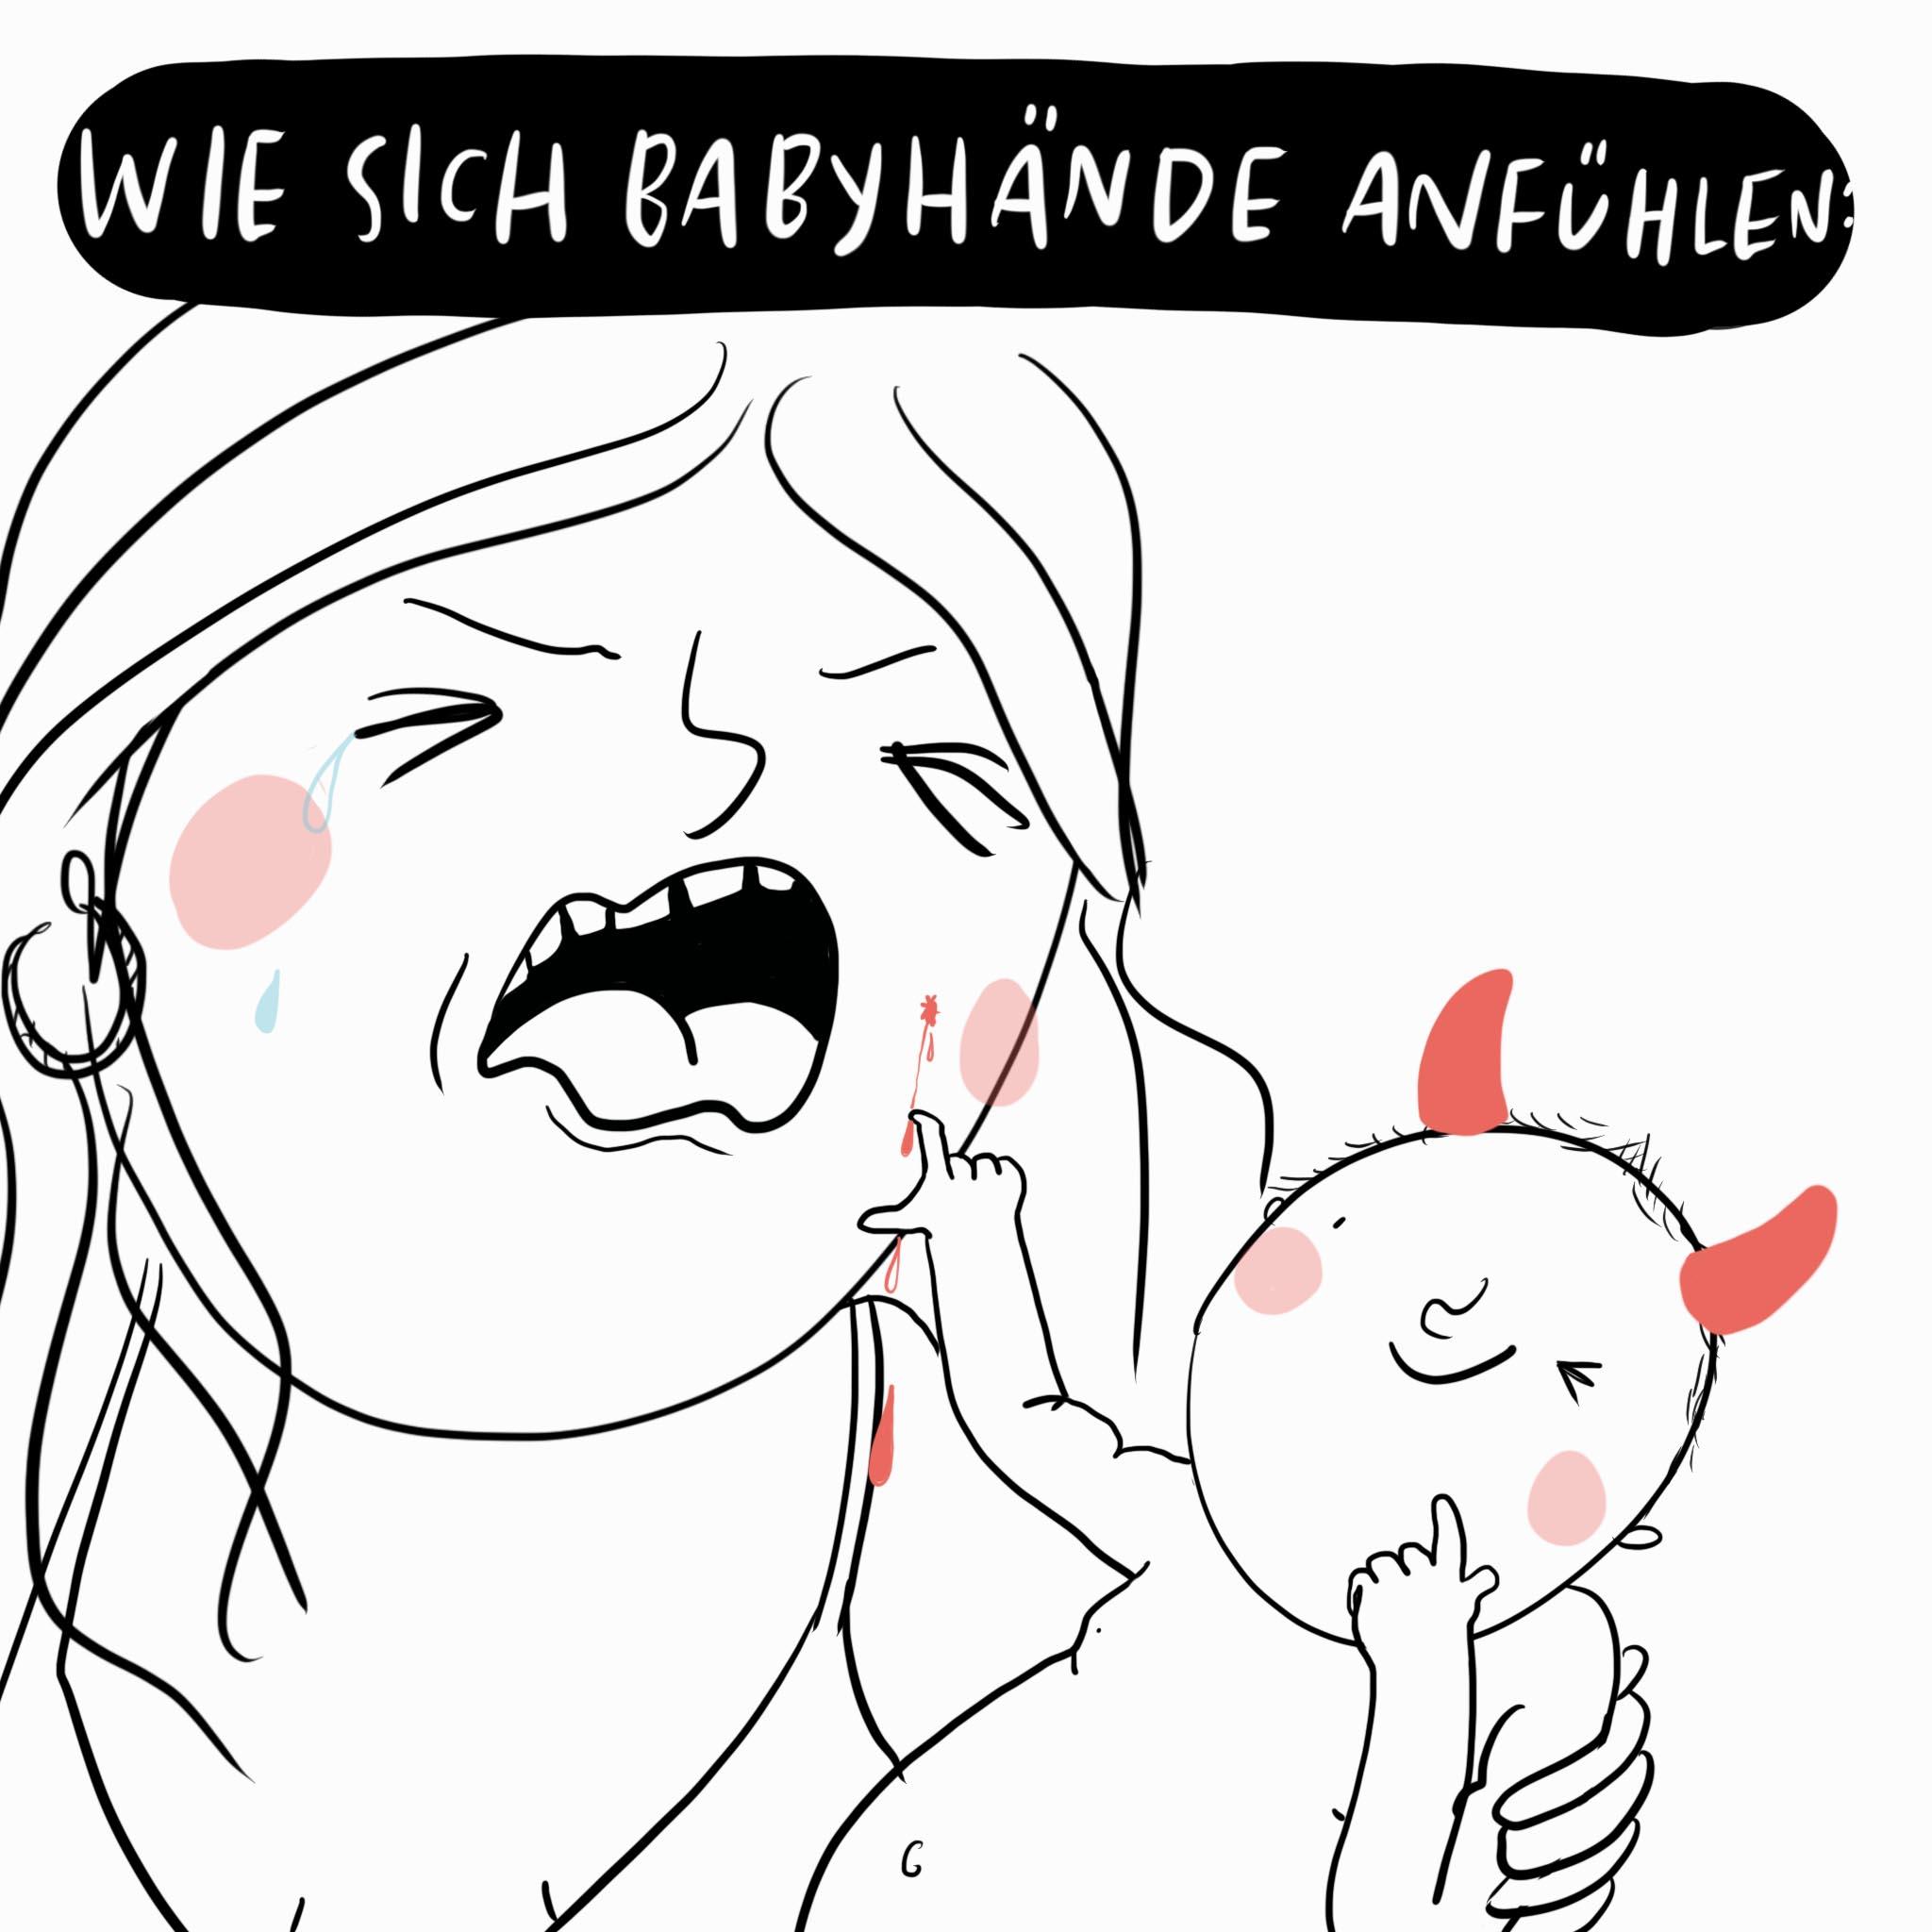 babyhände_frolleinmotte_02.jpg